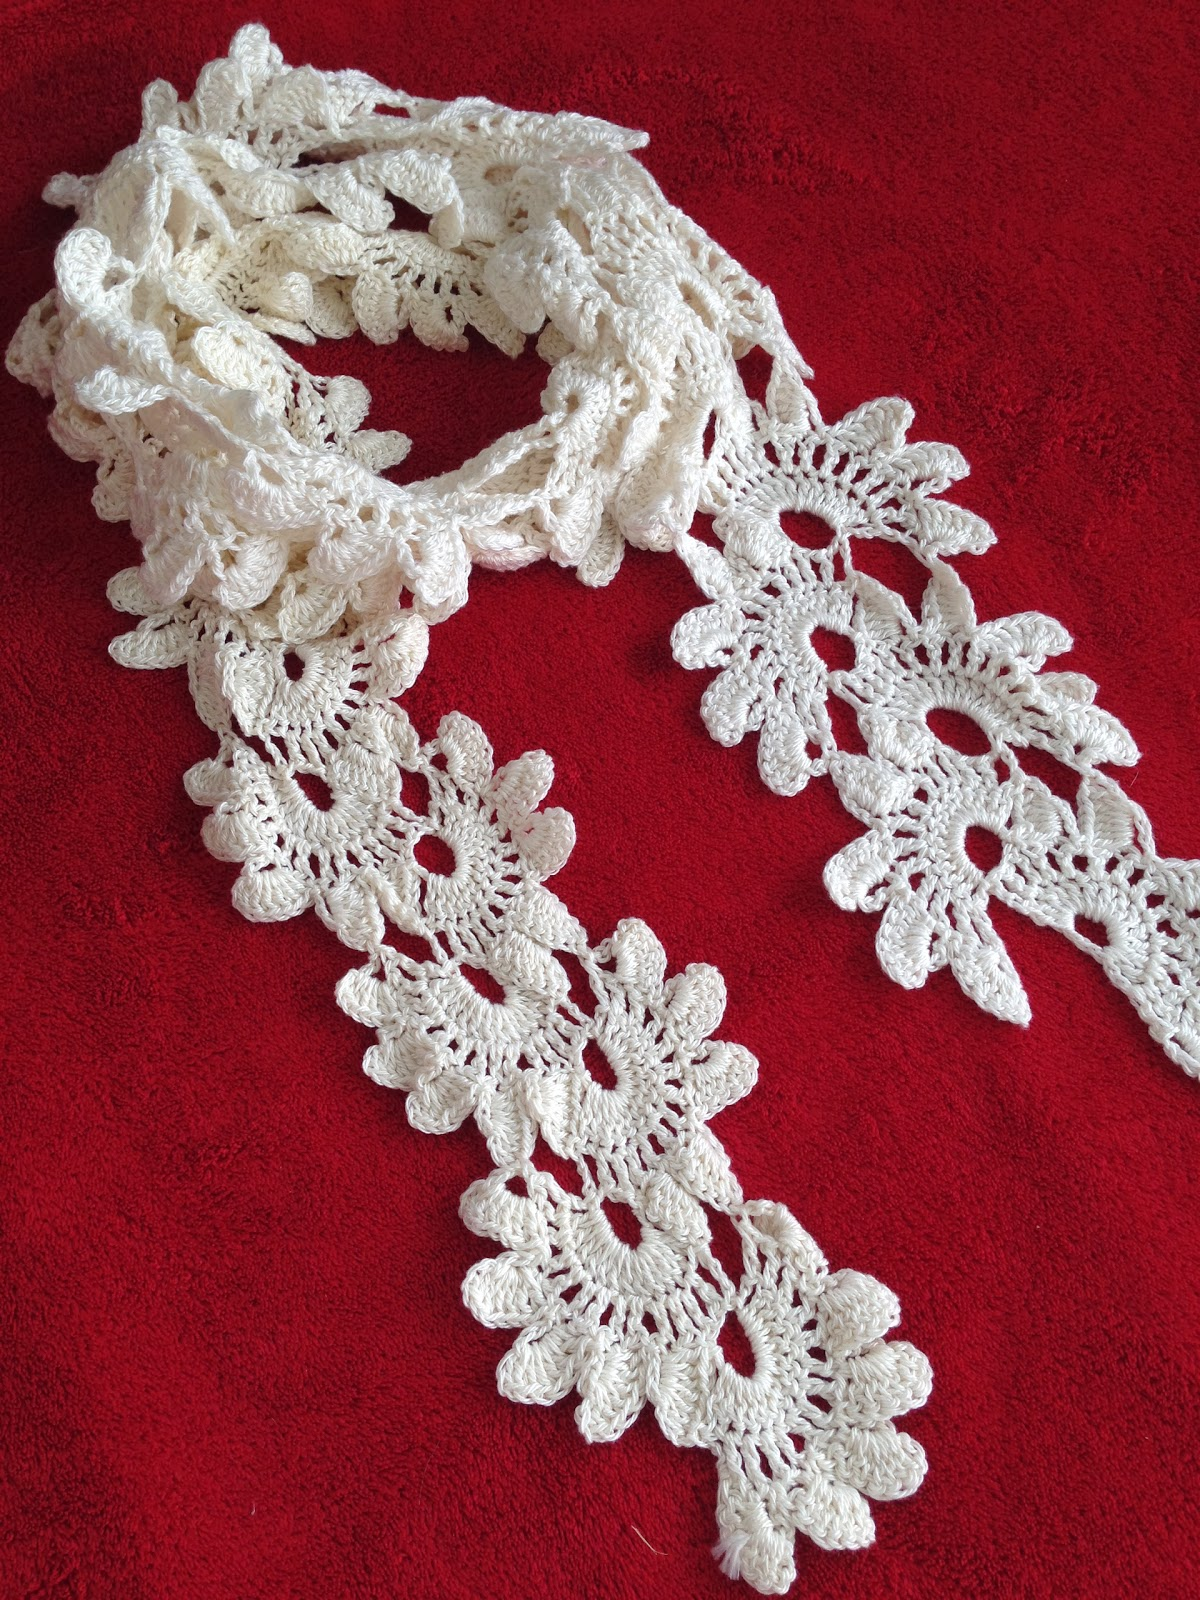 Faery Tale Crochet: Lotus Flower Scarf